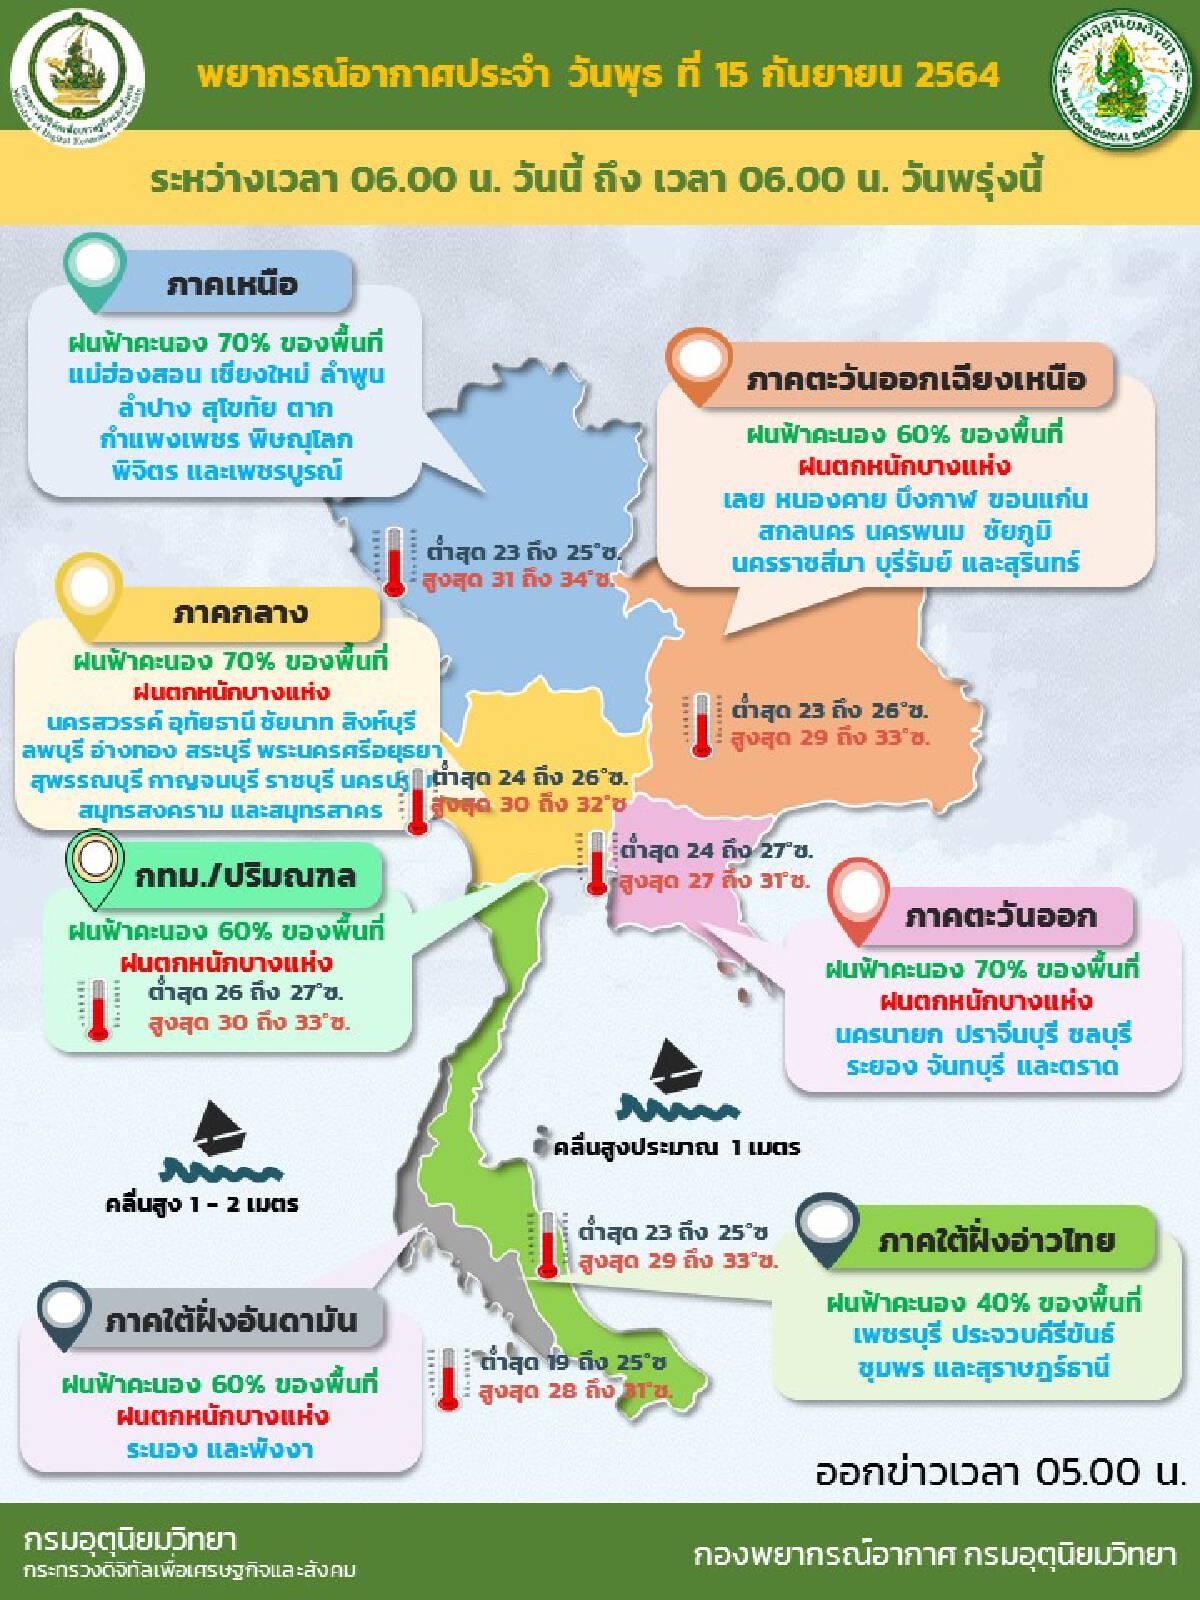 อุตุฯ เผย วันนี้ประเทศไทยมีฝนเพิ่มขึ้น เหนือ-กลาง-ตะวันออก หนักสุด